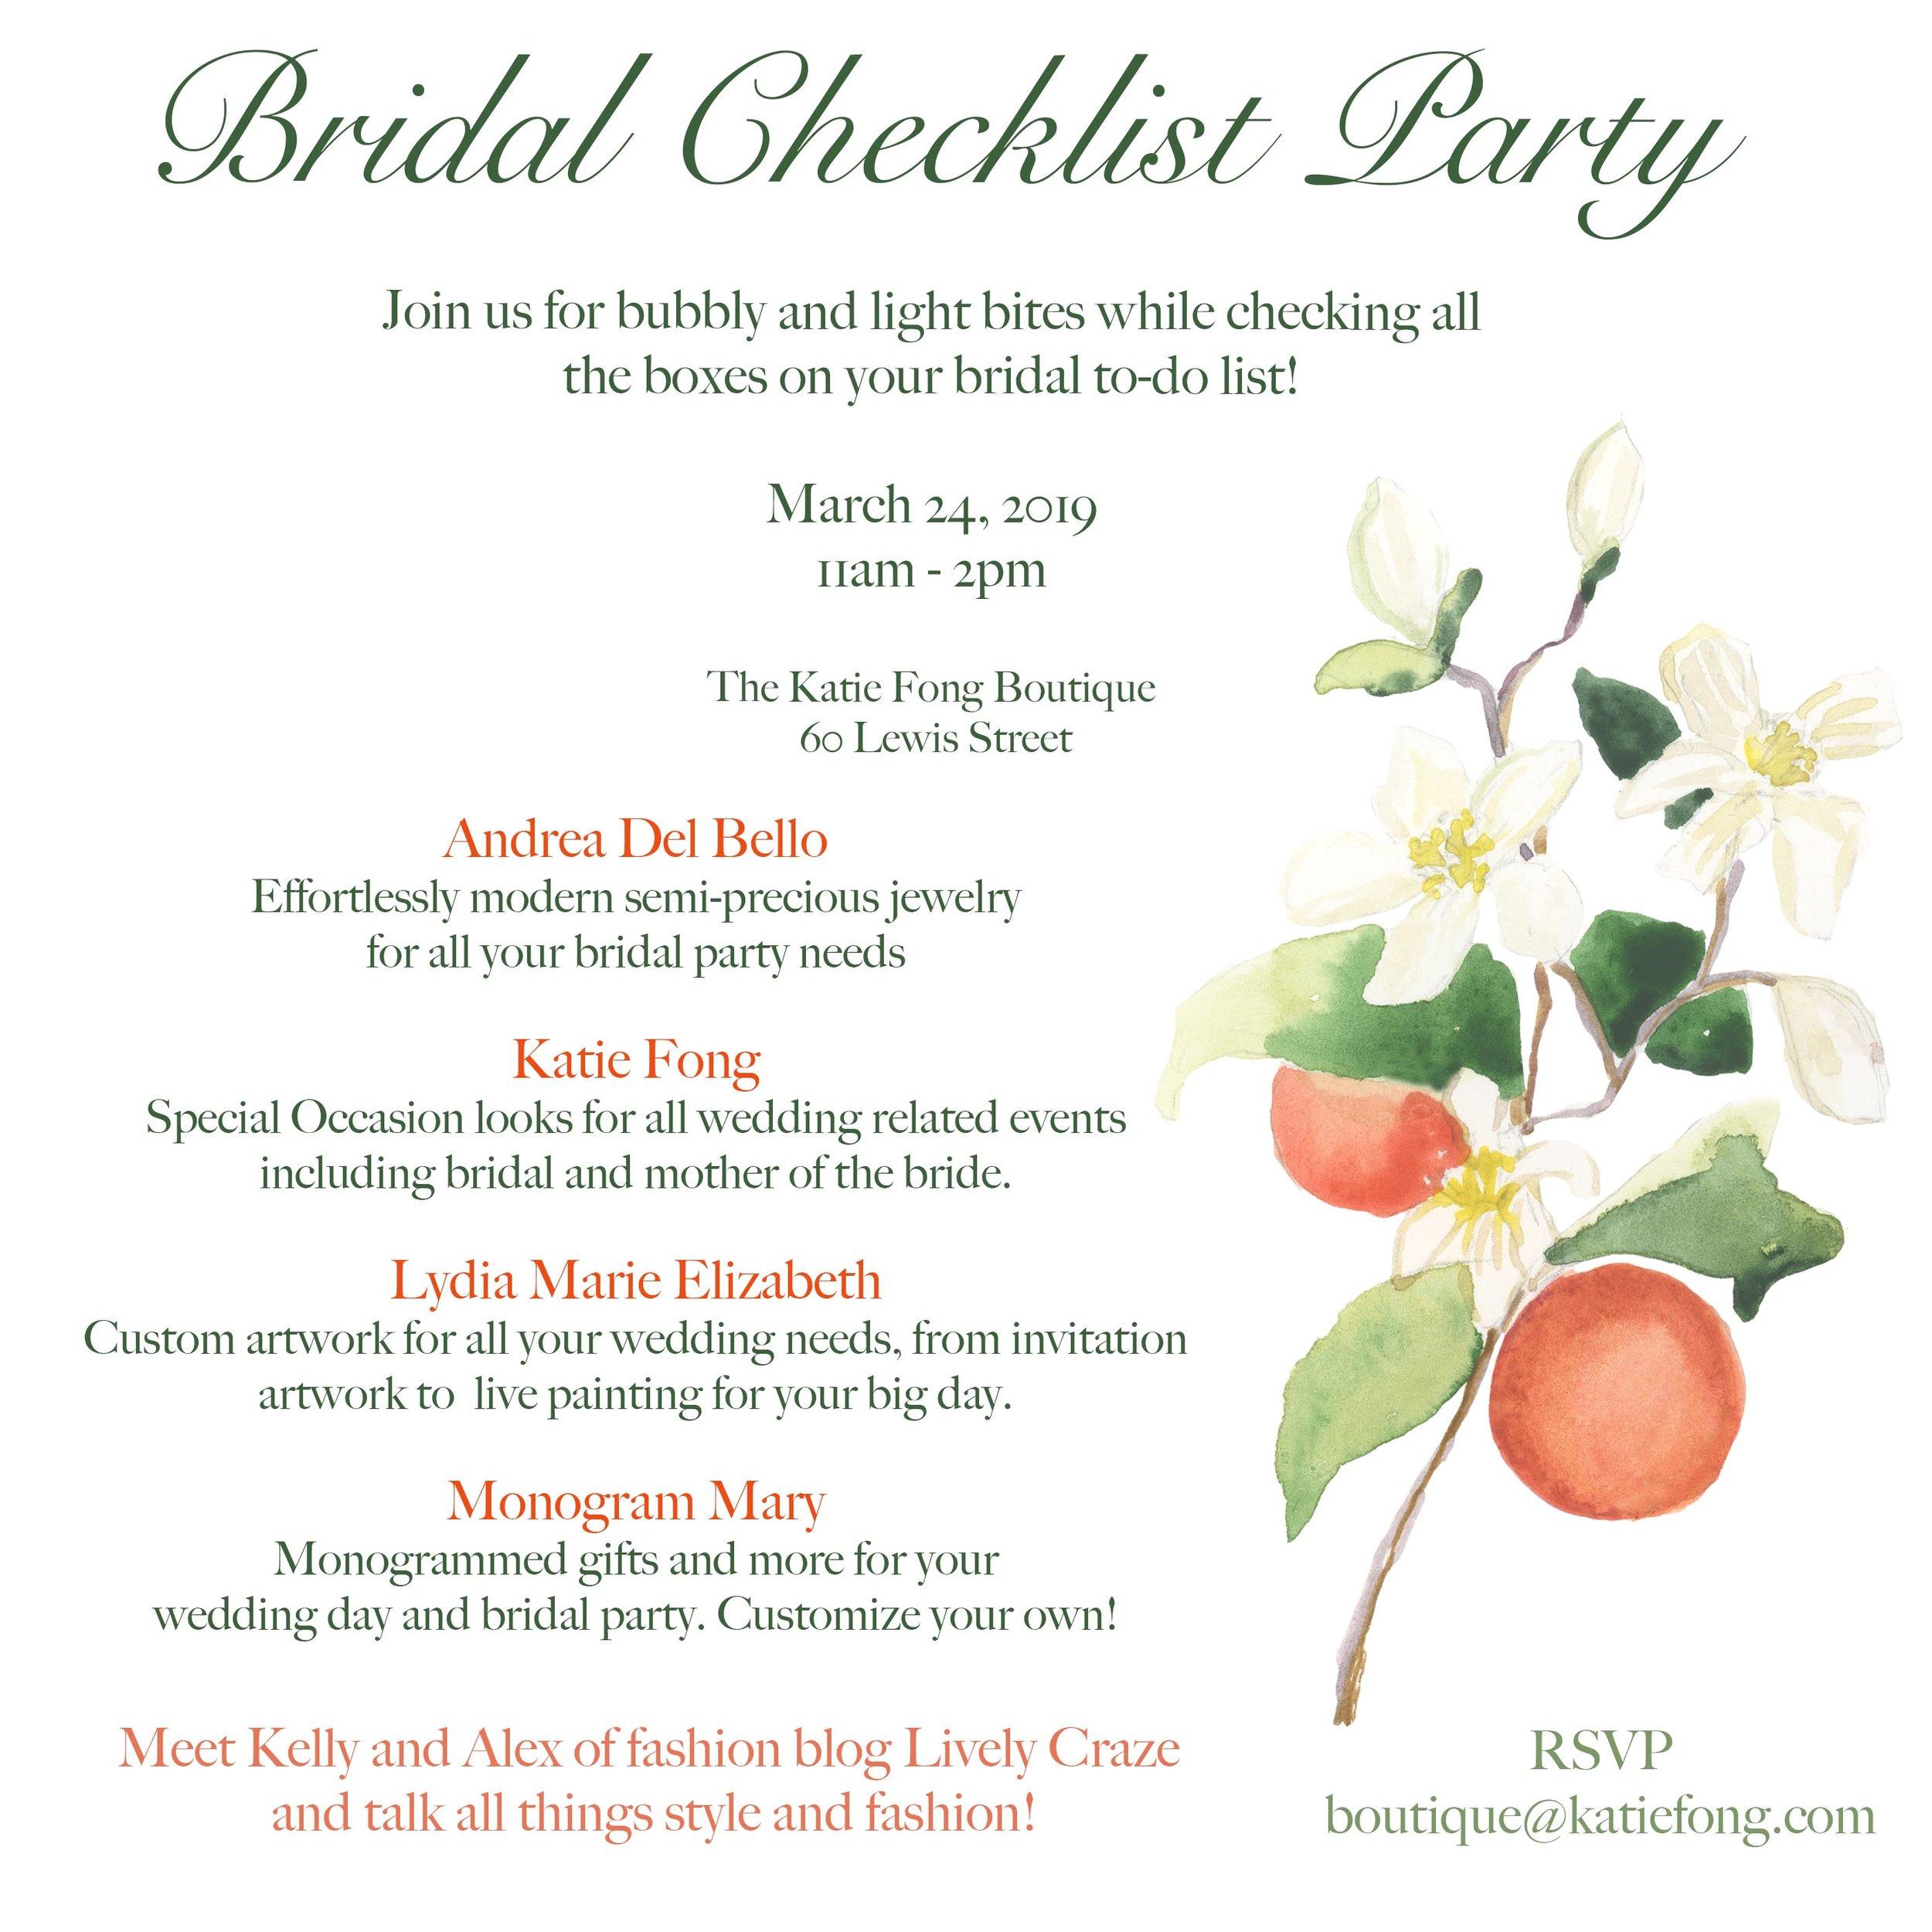 BRIDAL CHECKLIST PARTY 2019 copy.jpg